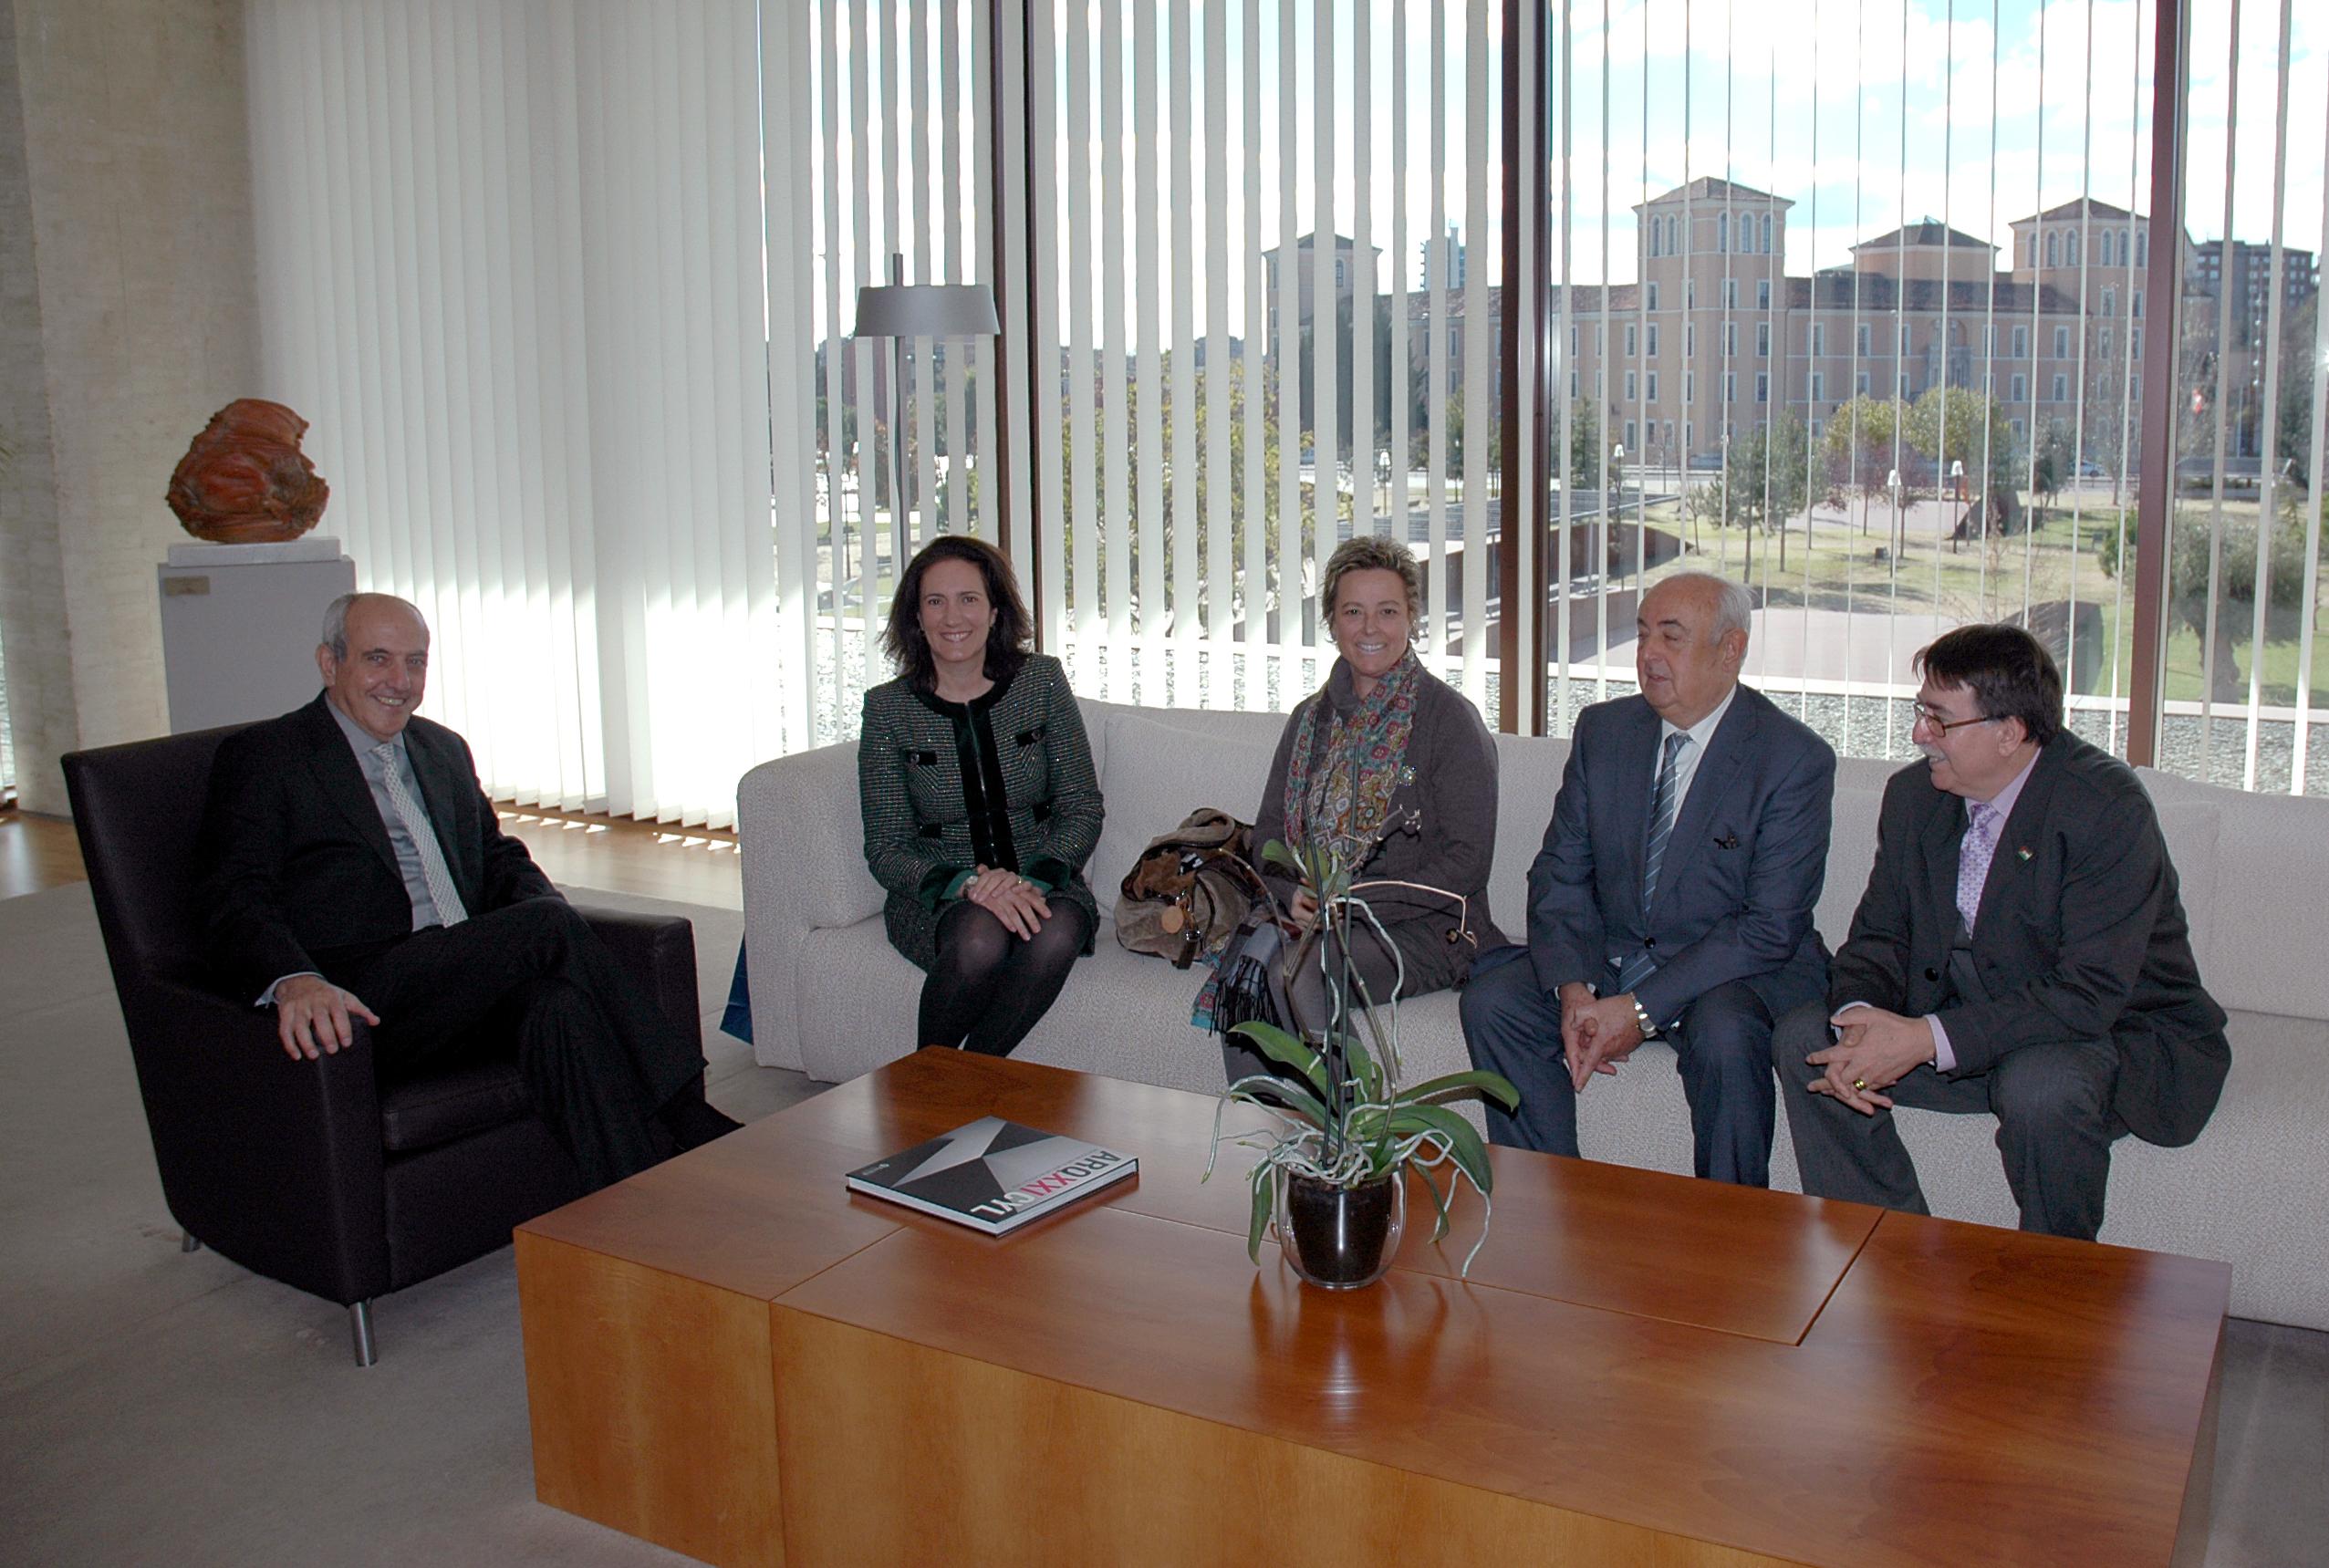 La presidenta de las Cortes de Castilla y León recibe al Consejo Social de la Universidad de Salamanca